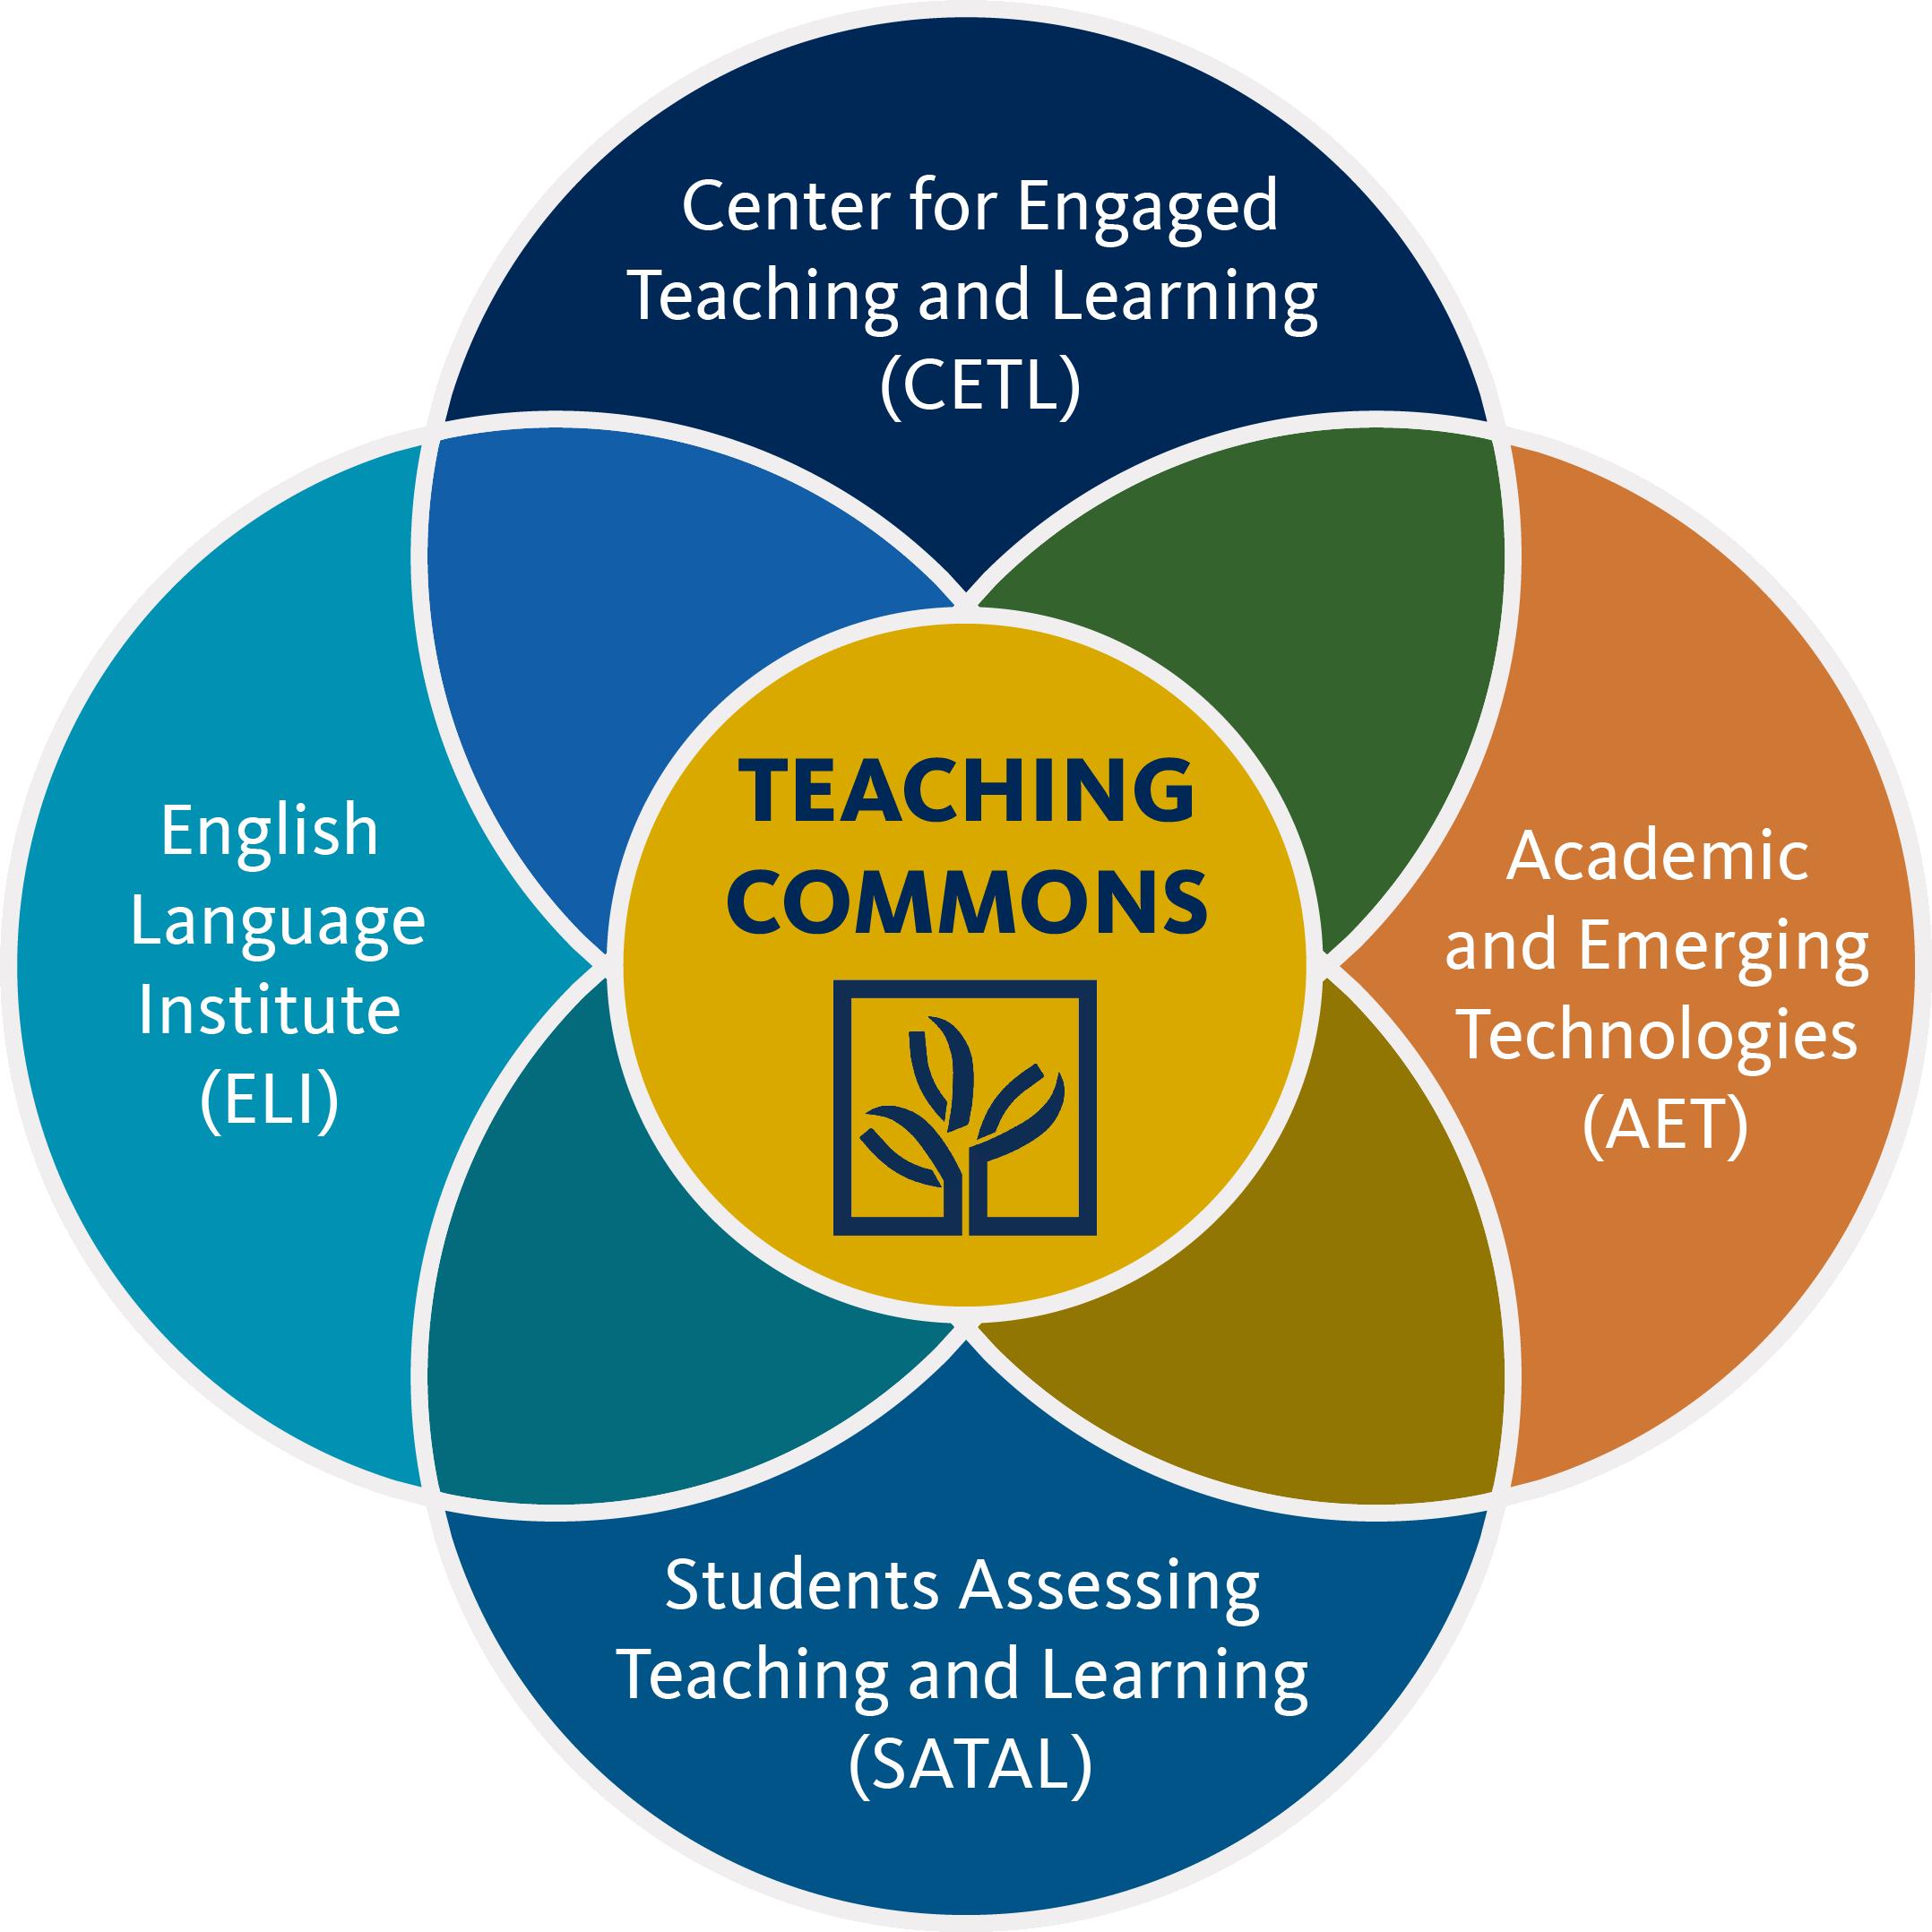 Teaching Commons Venn Diagram